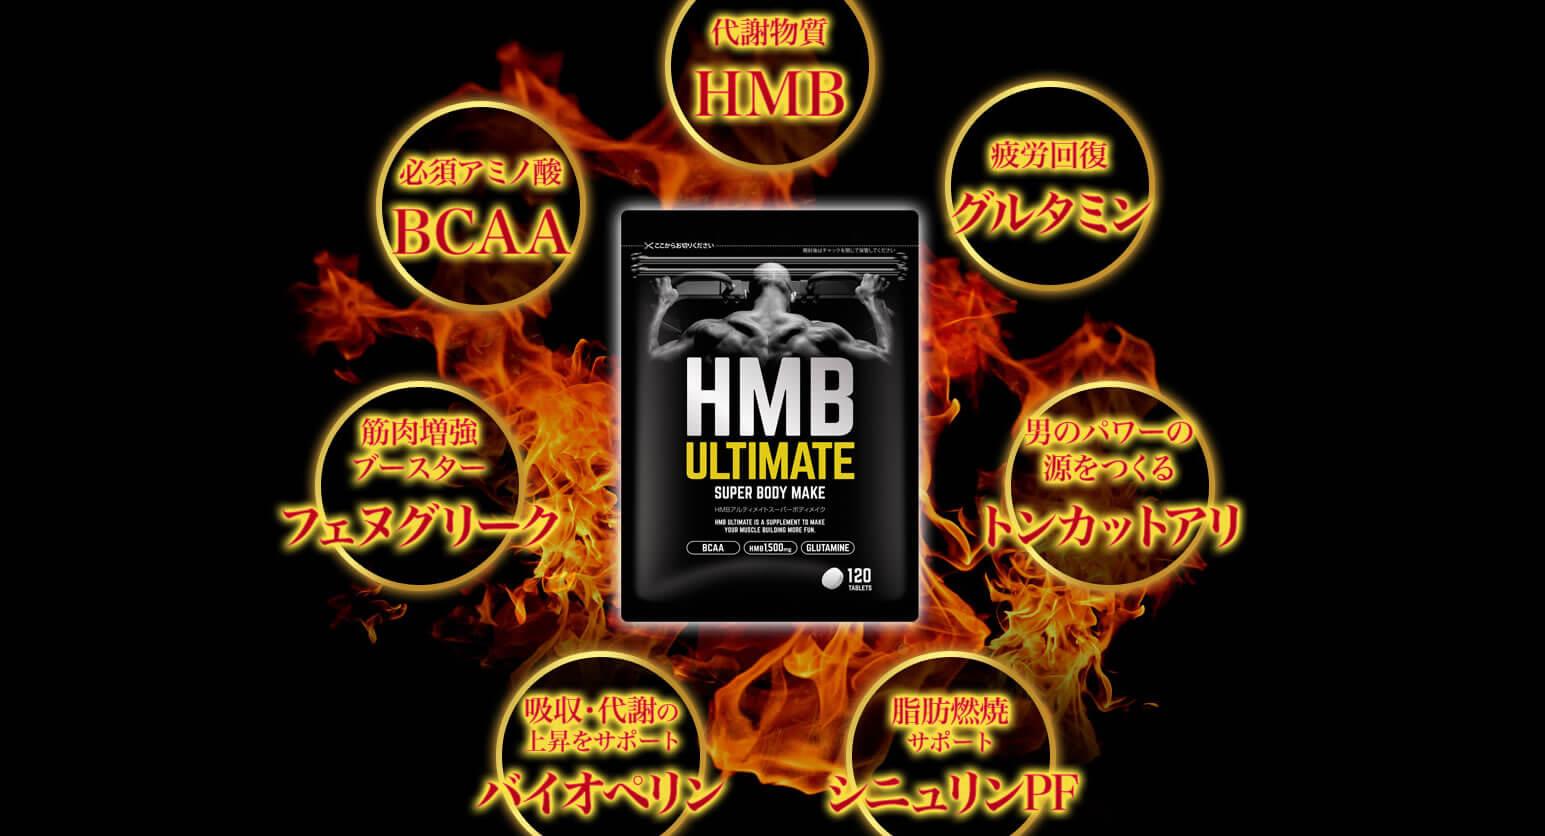 HMBアルティメイトの成分に副作用は?